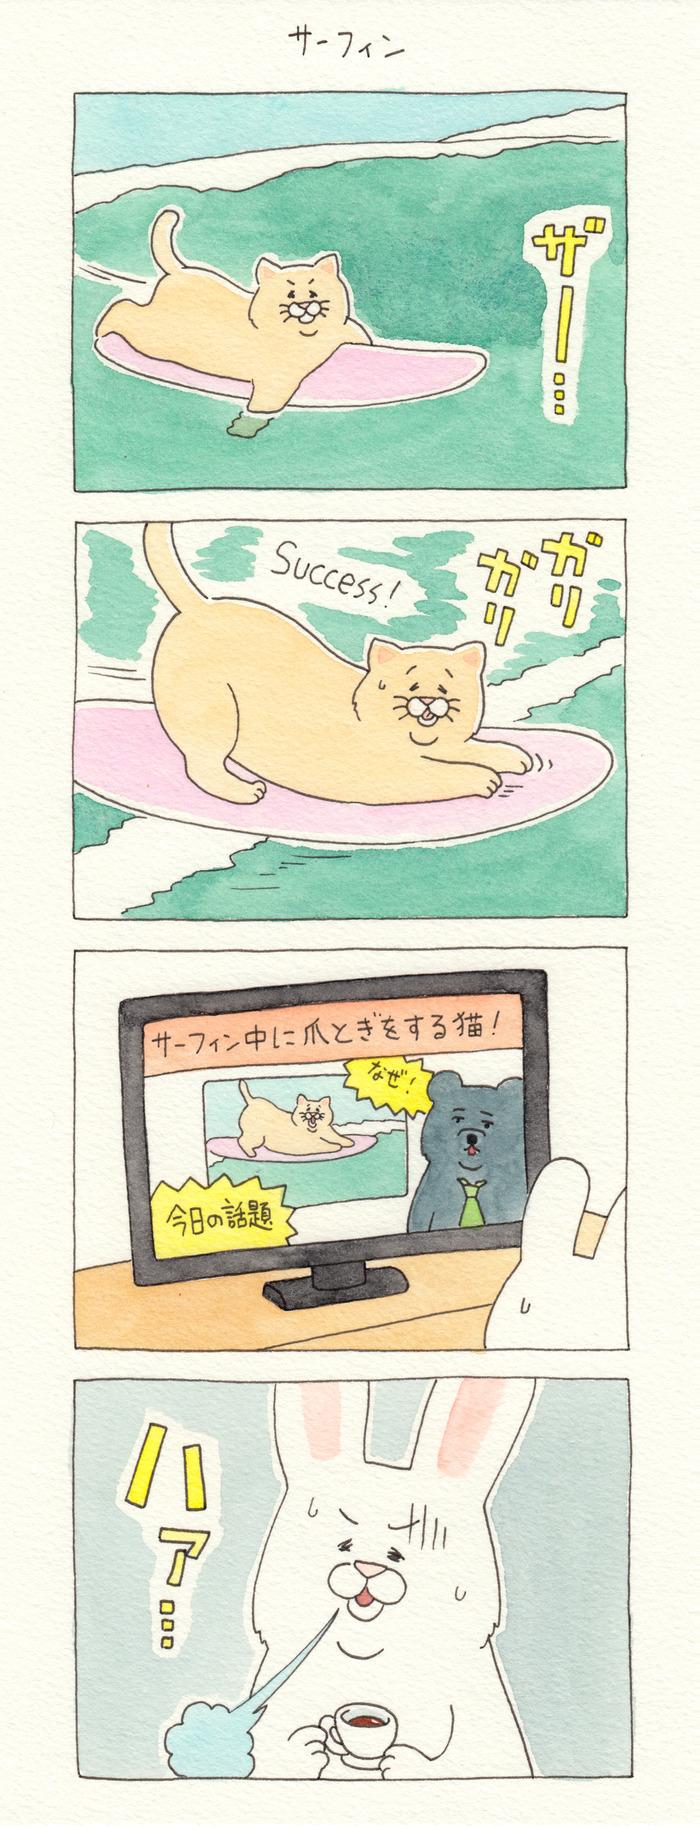 ネコノヒー サーフィン